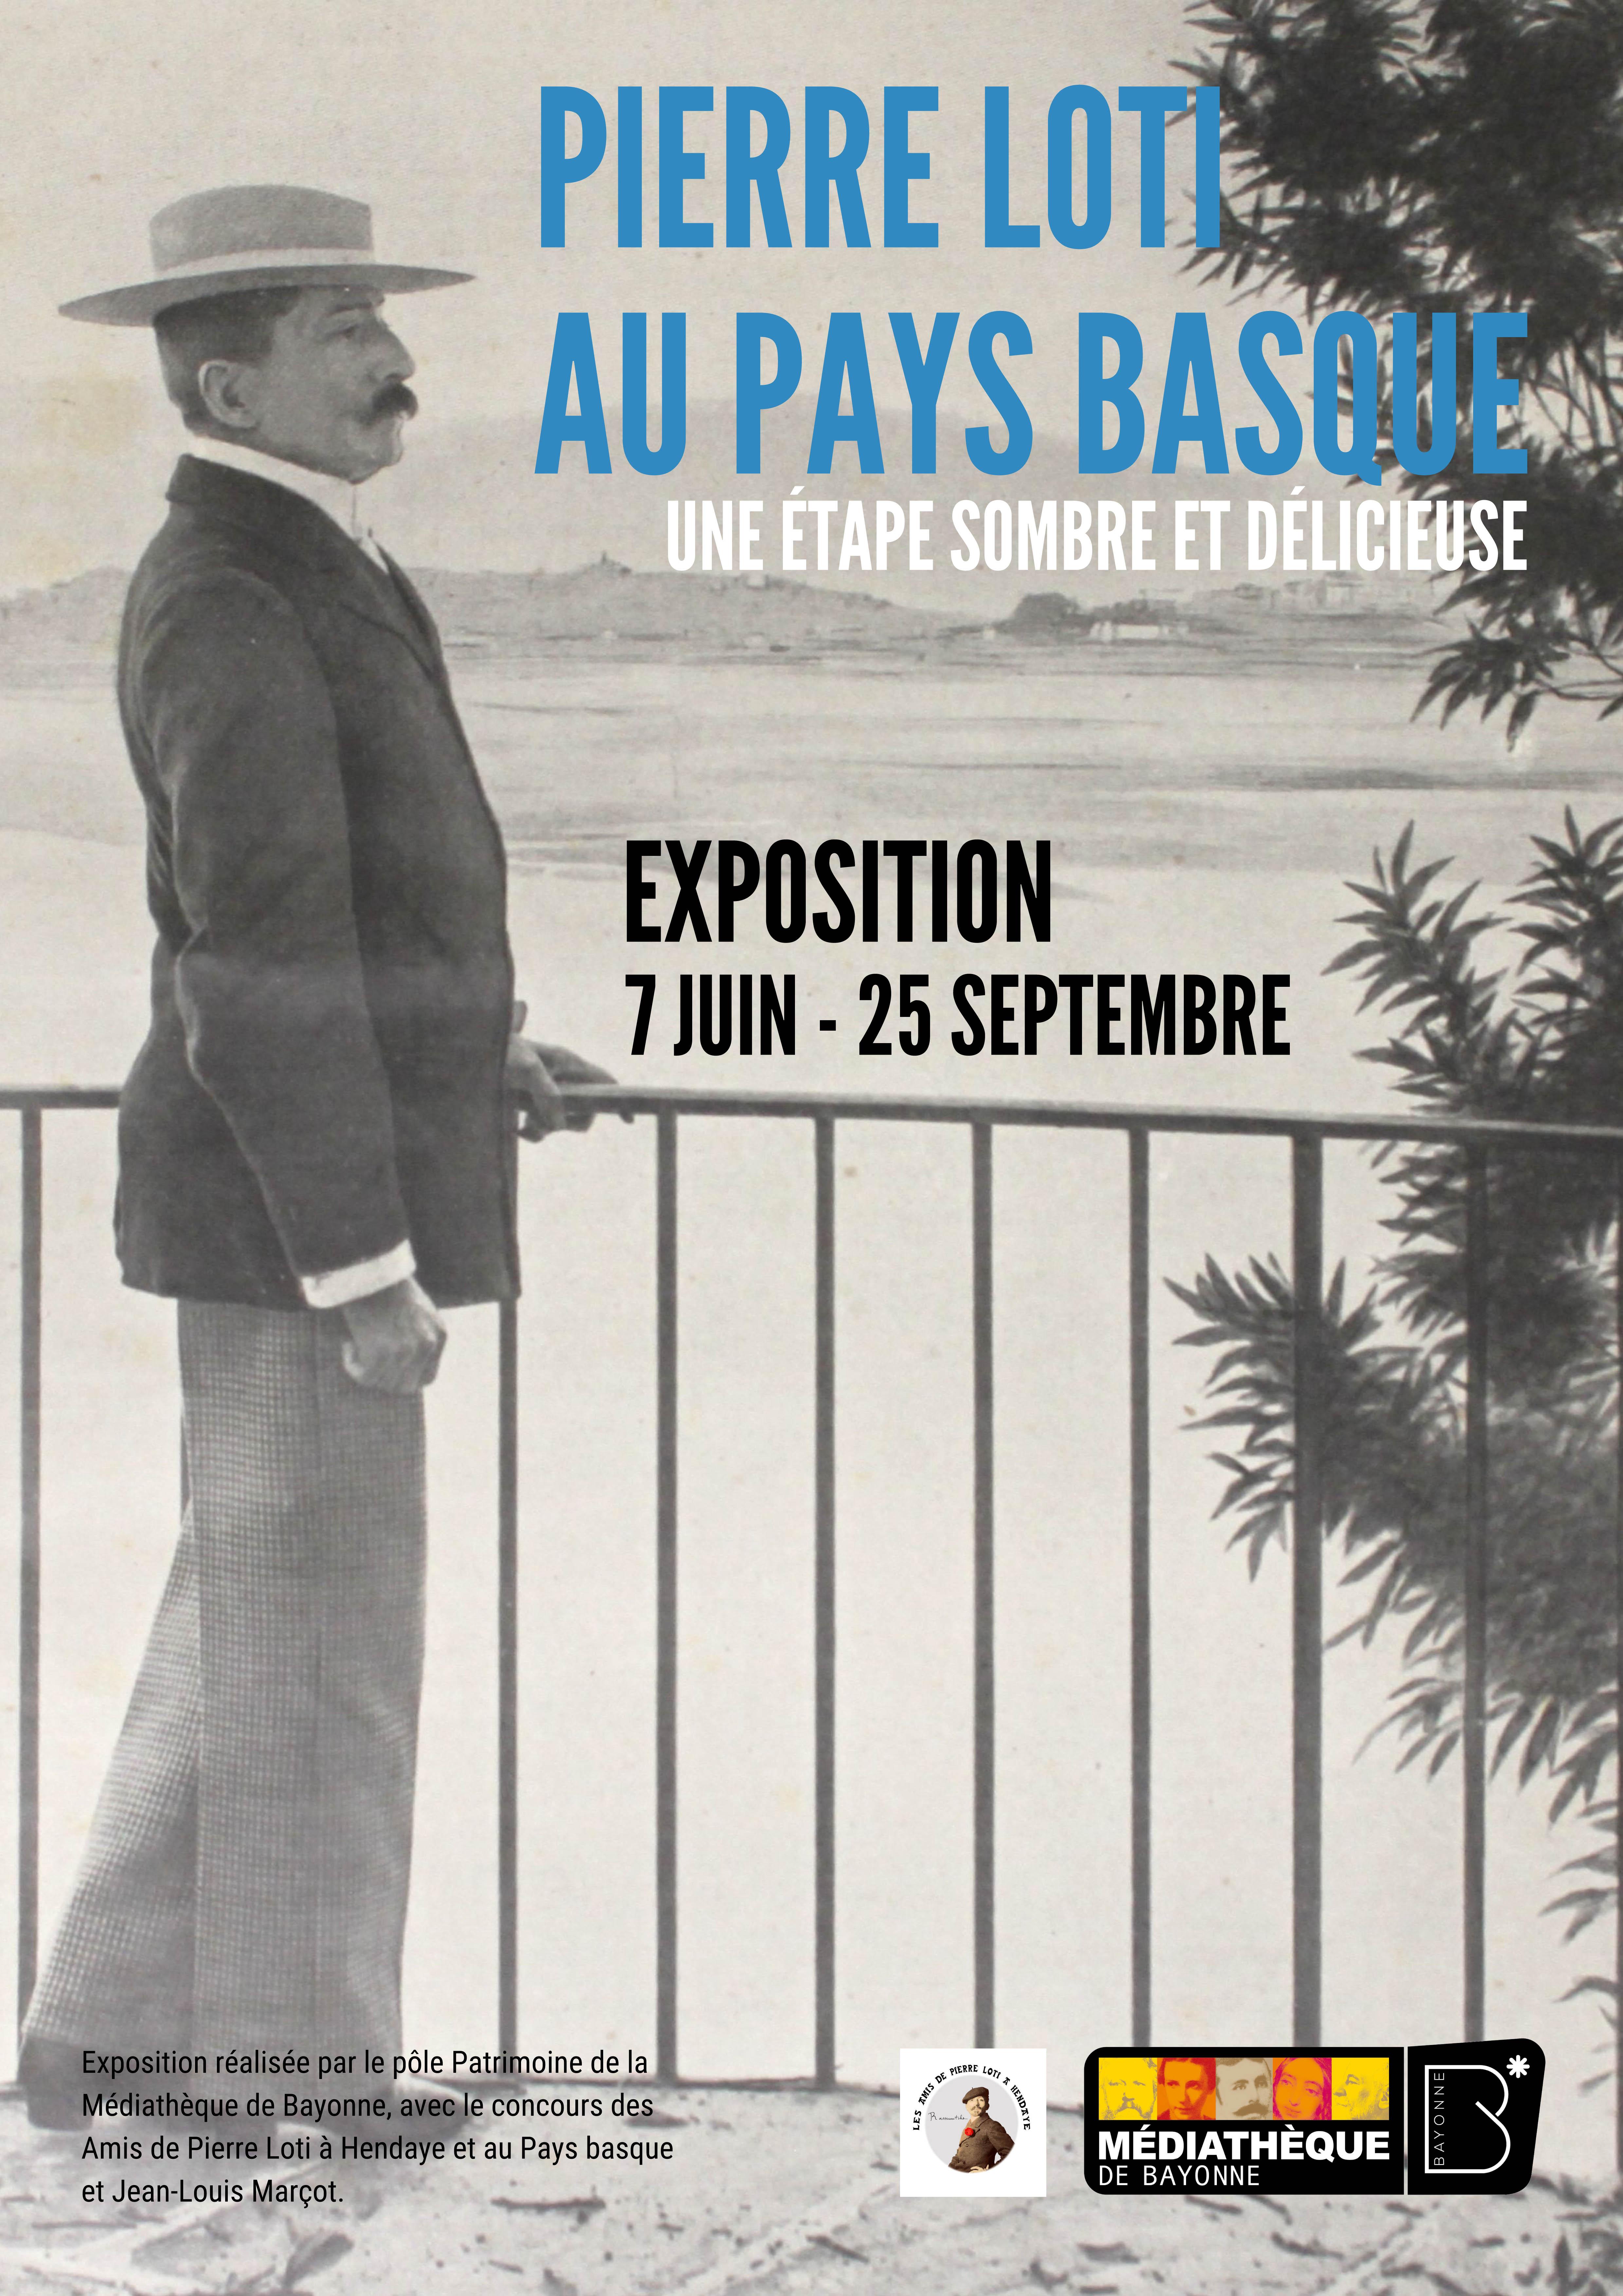 Affiche de la médiathèque de Bayonne annonçant l'exposition Pierre Loti au Pays basque